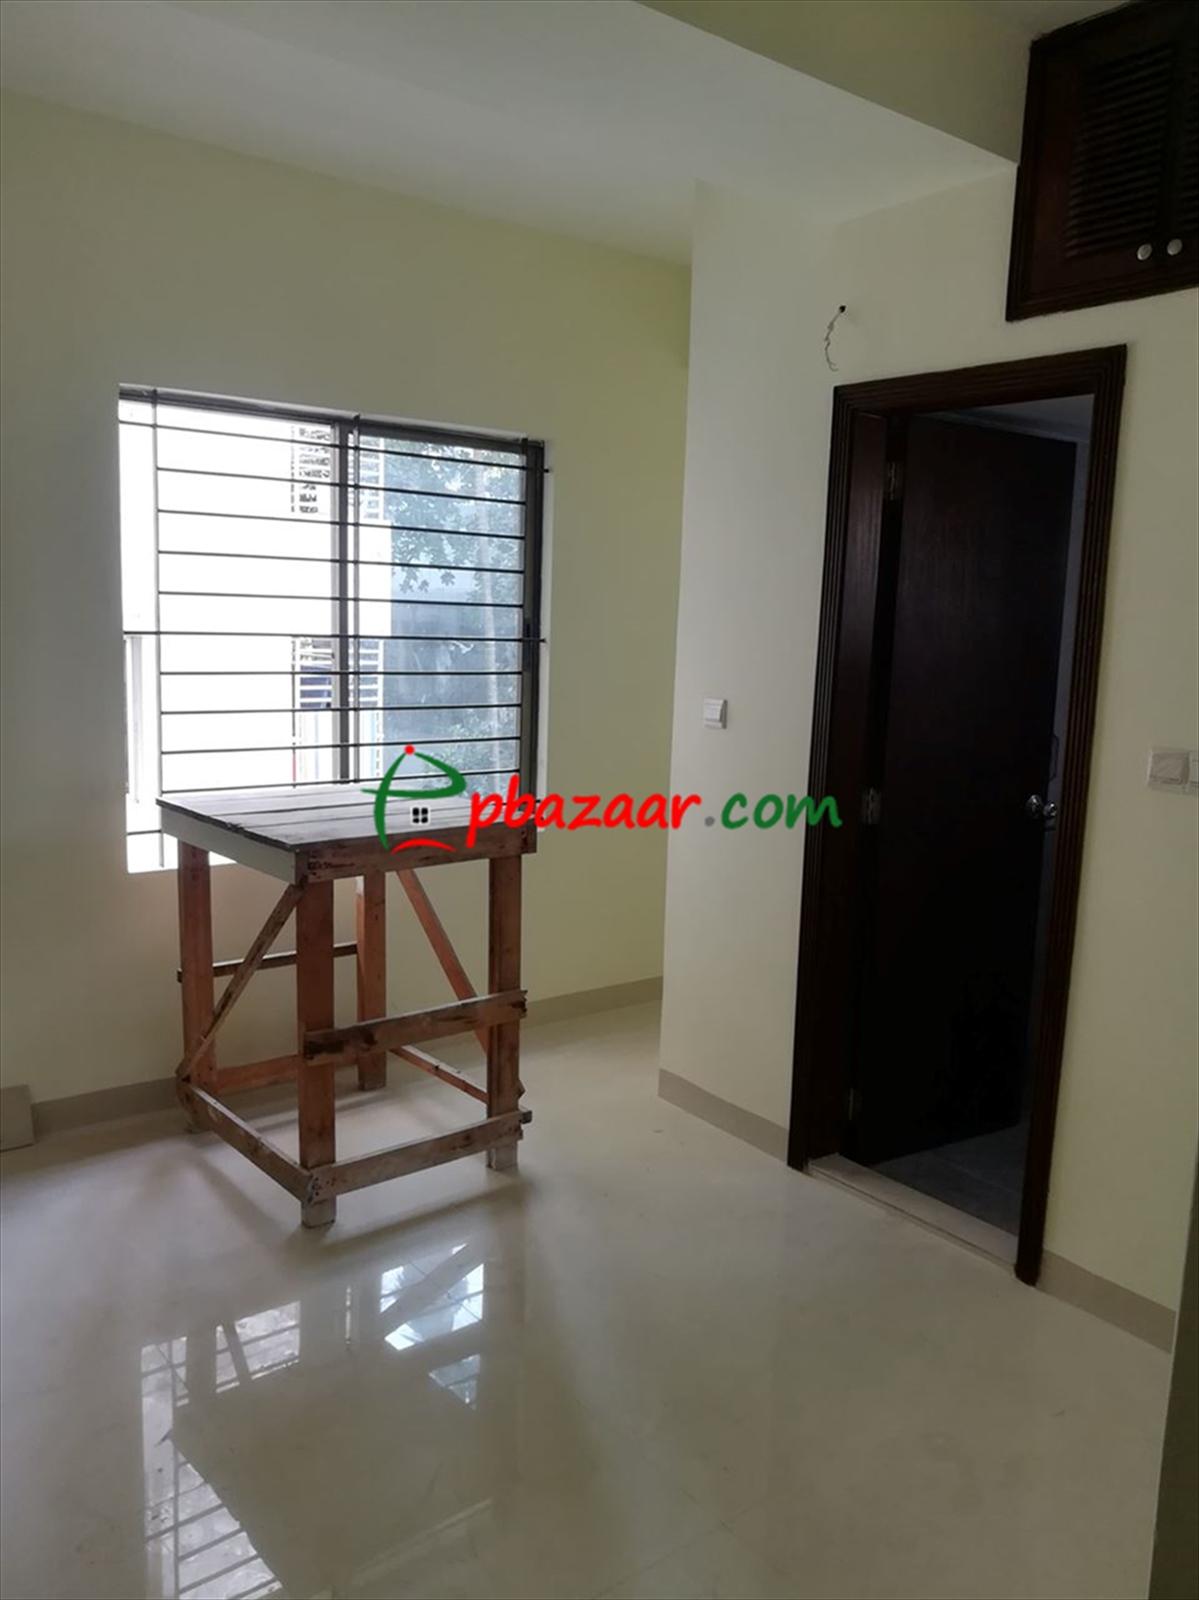 Apartment Rent For Office In Uttara Pbazaar Com